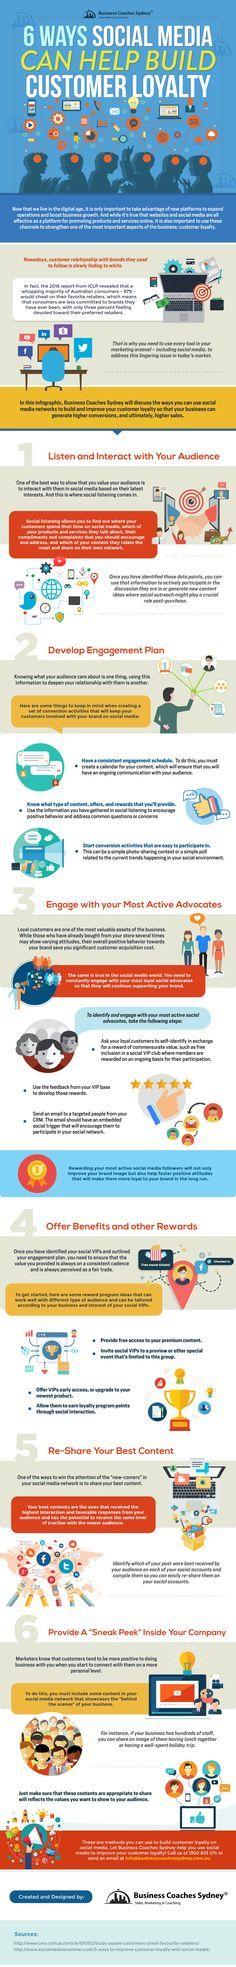 6 Ways Social Media